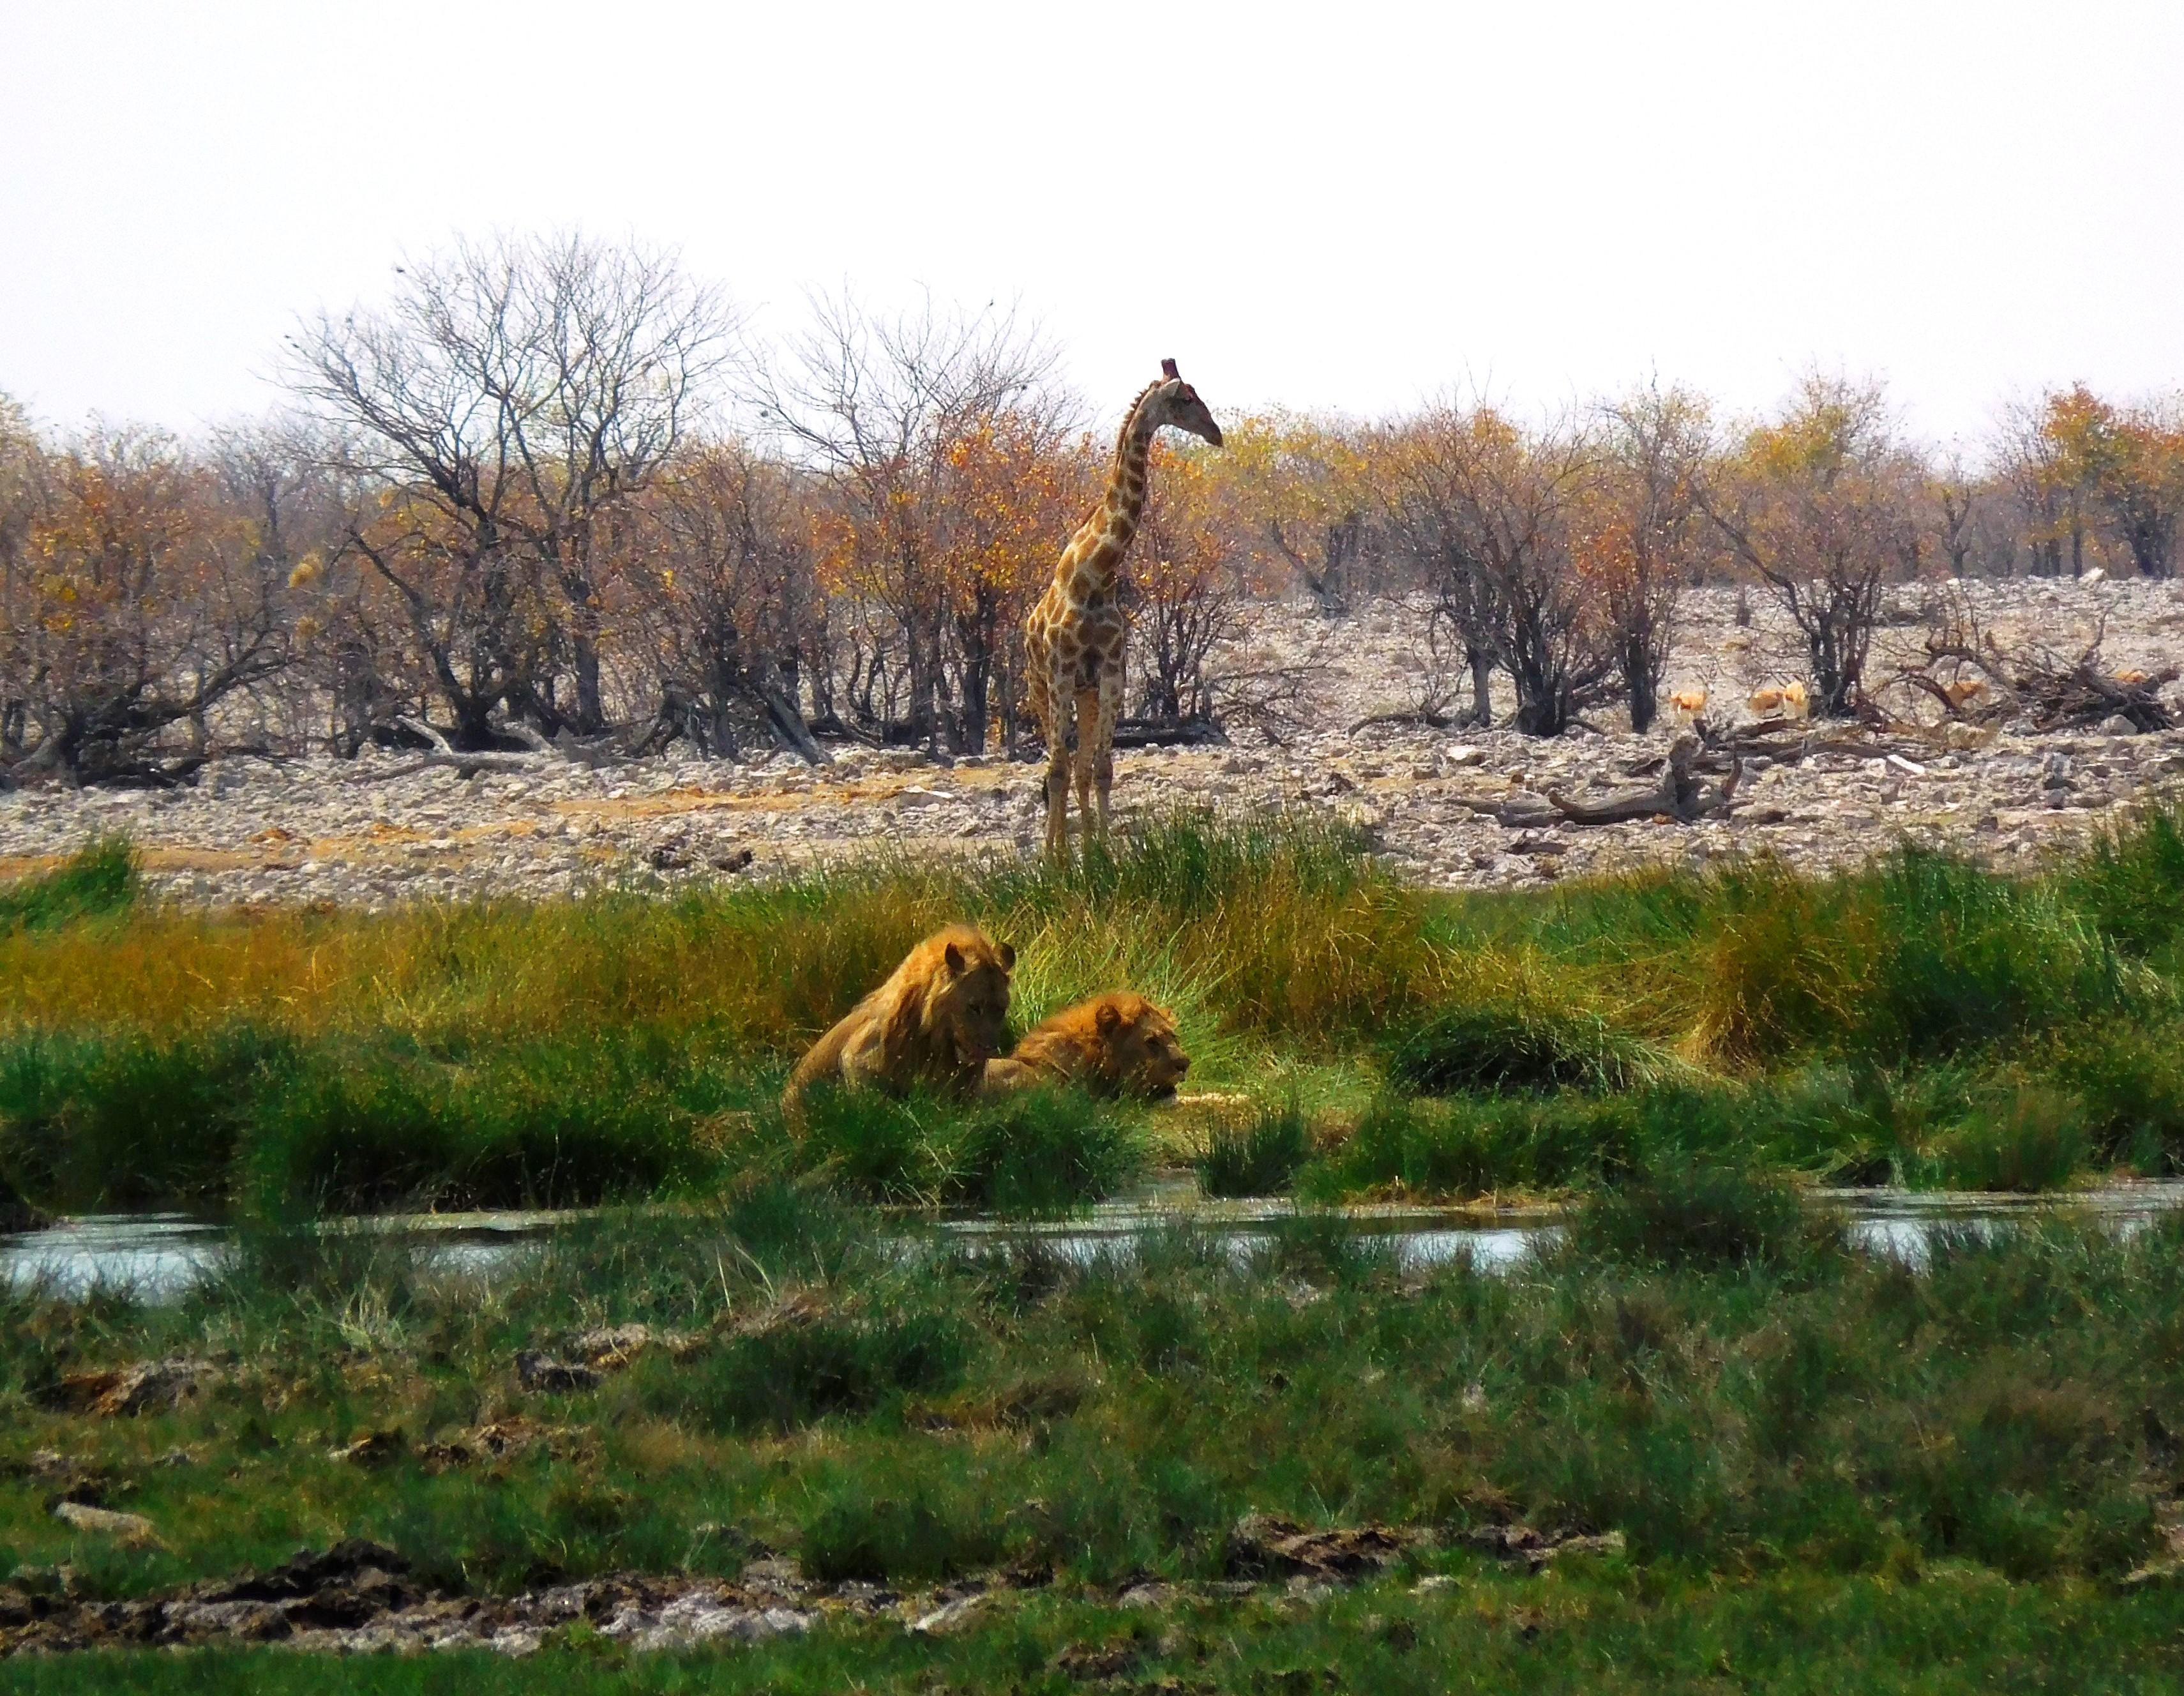 Giraffe und Löwen am Wasserloch im Etosha-Nationalpark